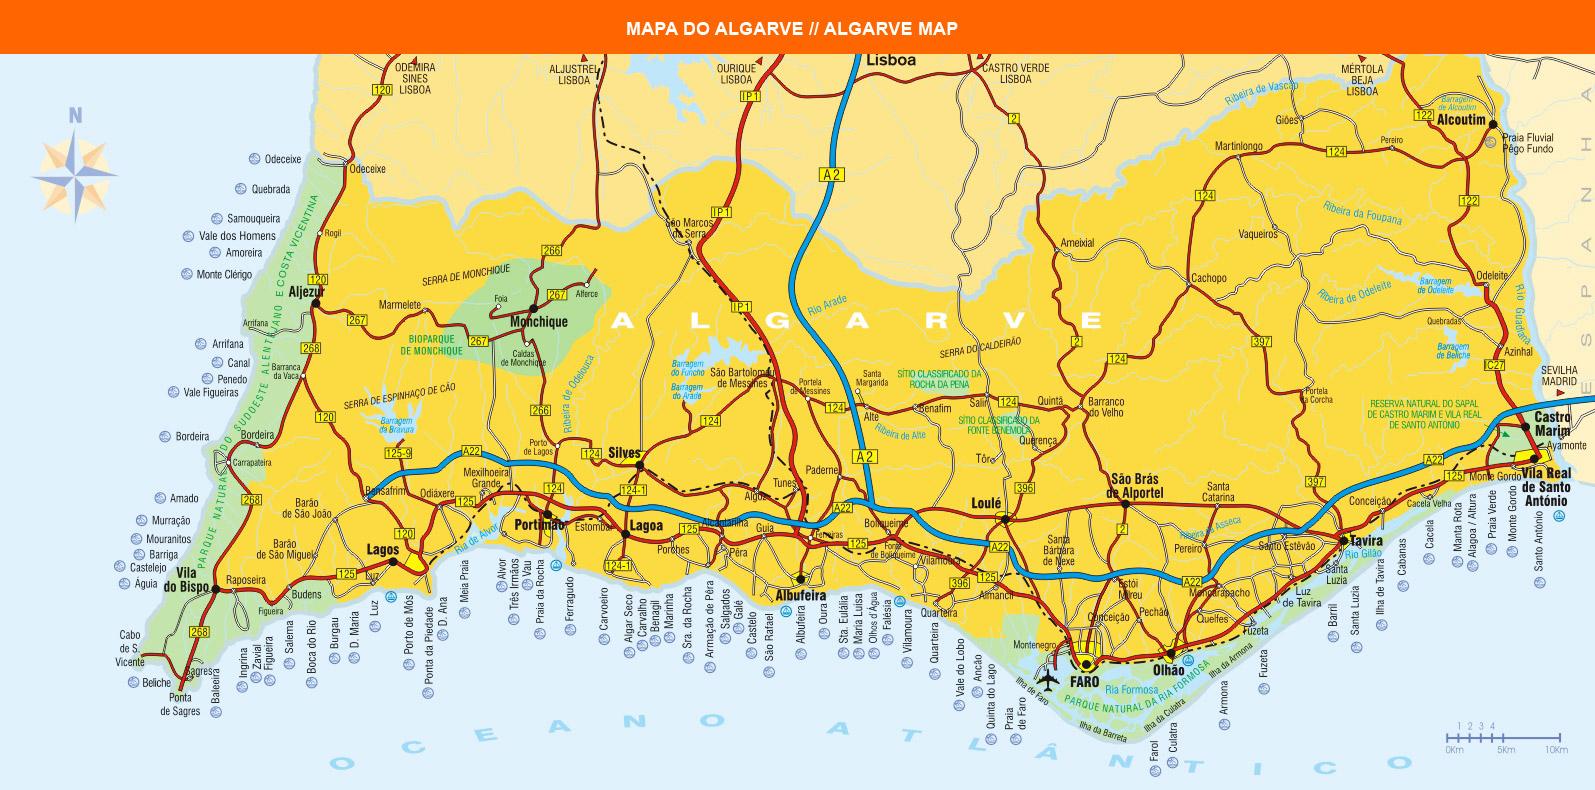 ver mapa algarve Petróleo e gás no Algarve e Costa Alentejana   Estudar, avaliar  ver mapa algarve